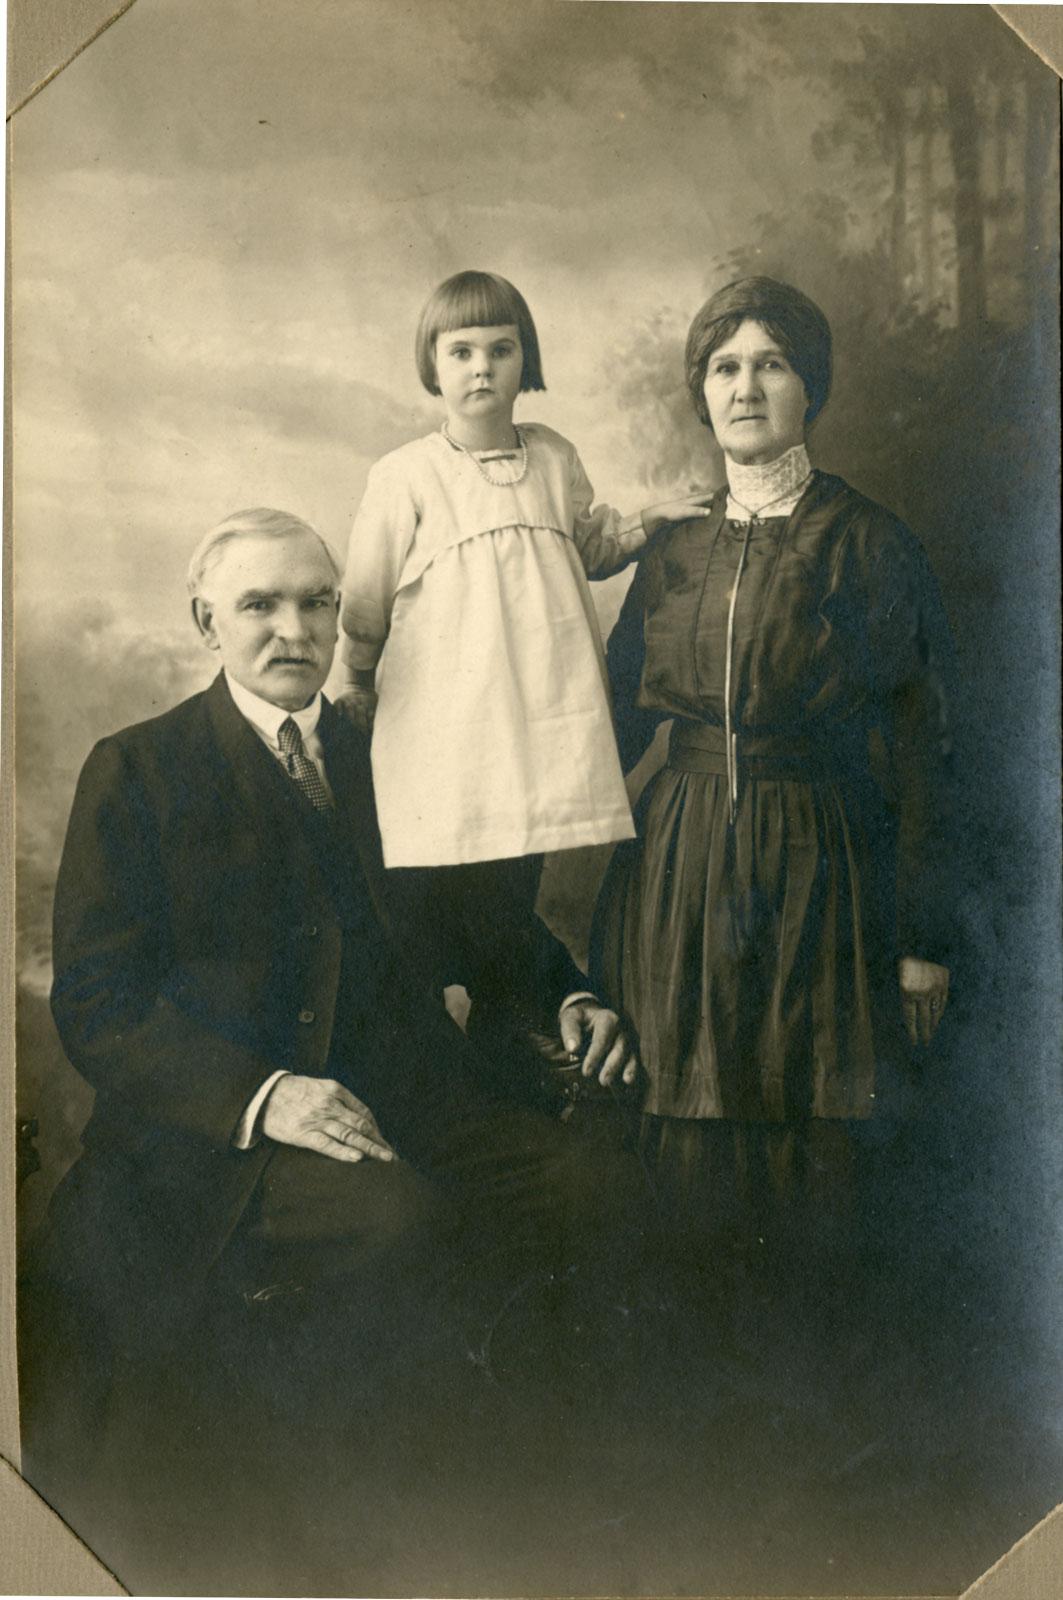 Isaac Nicholson, Thora (Nicholson) Reeves, Sarah Nicholson, circa 1919